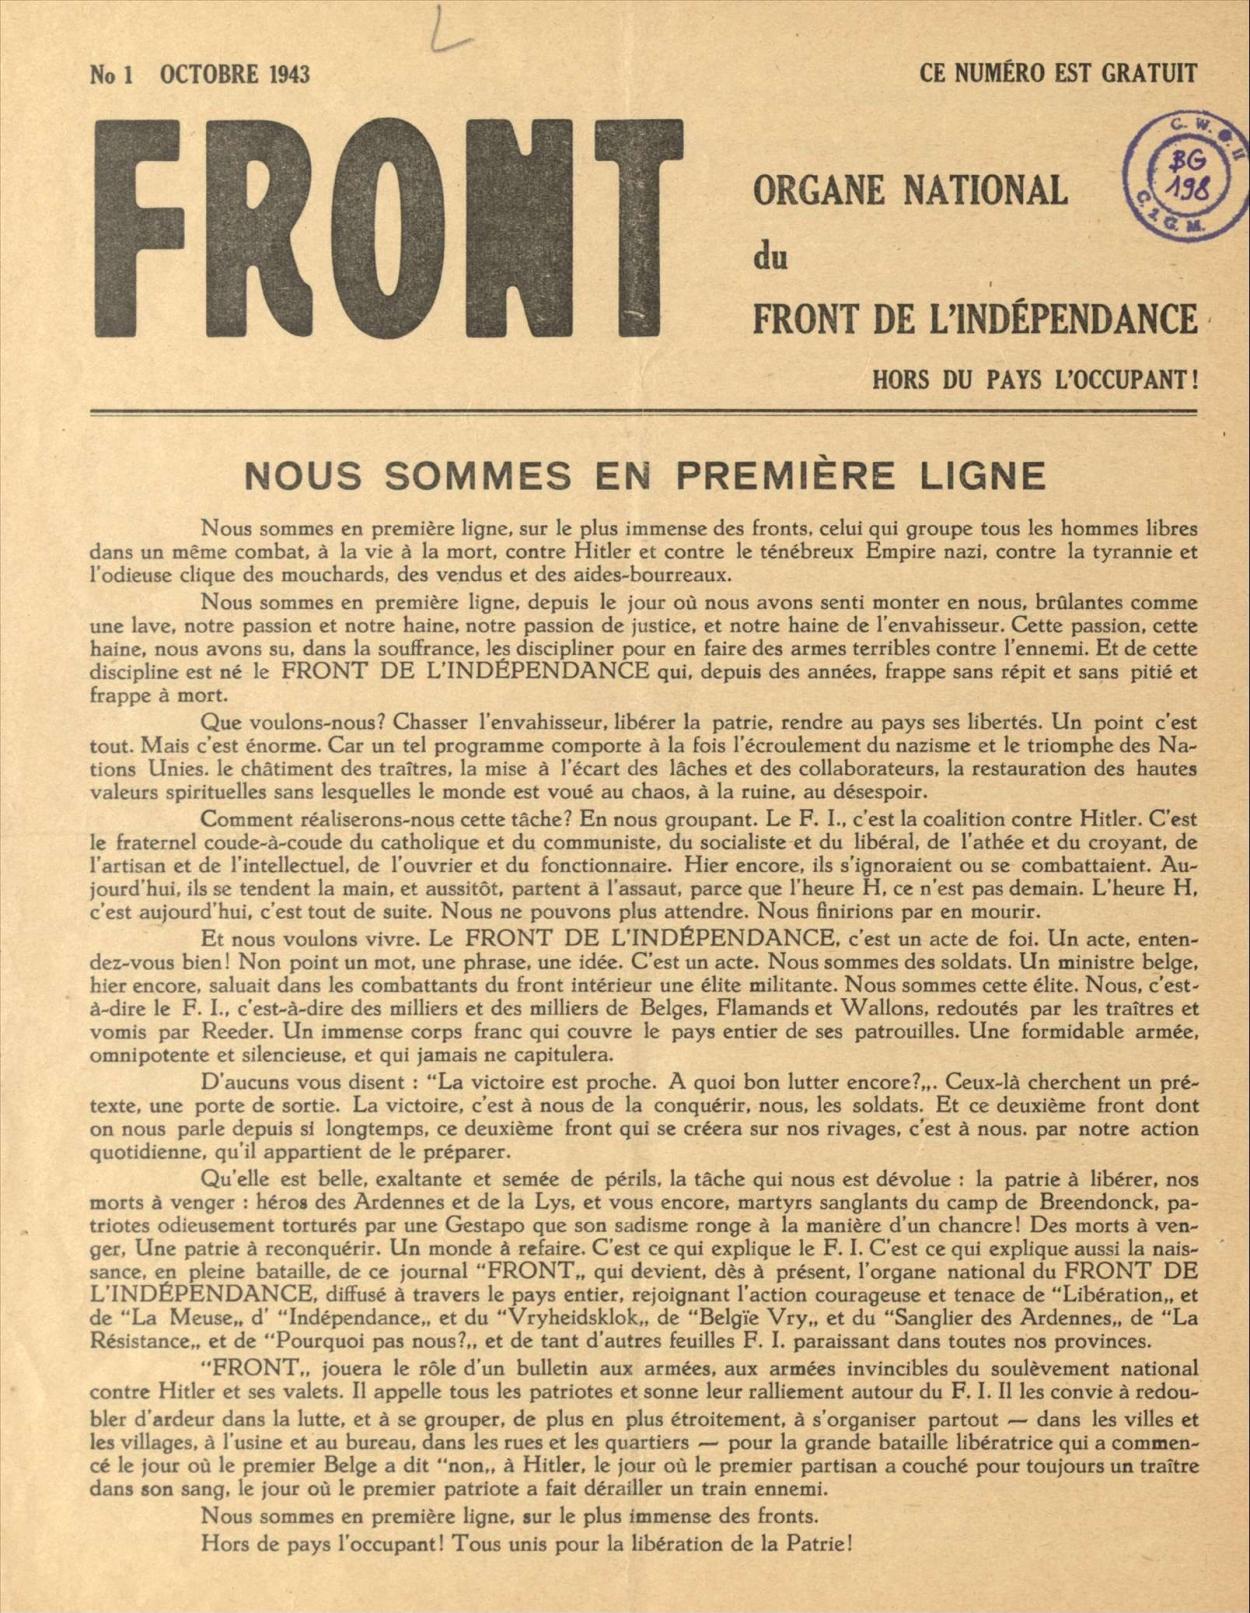 soma_bg198_1943-10_01_001-00001-front-nA1-oct-1943.jpg